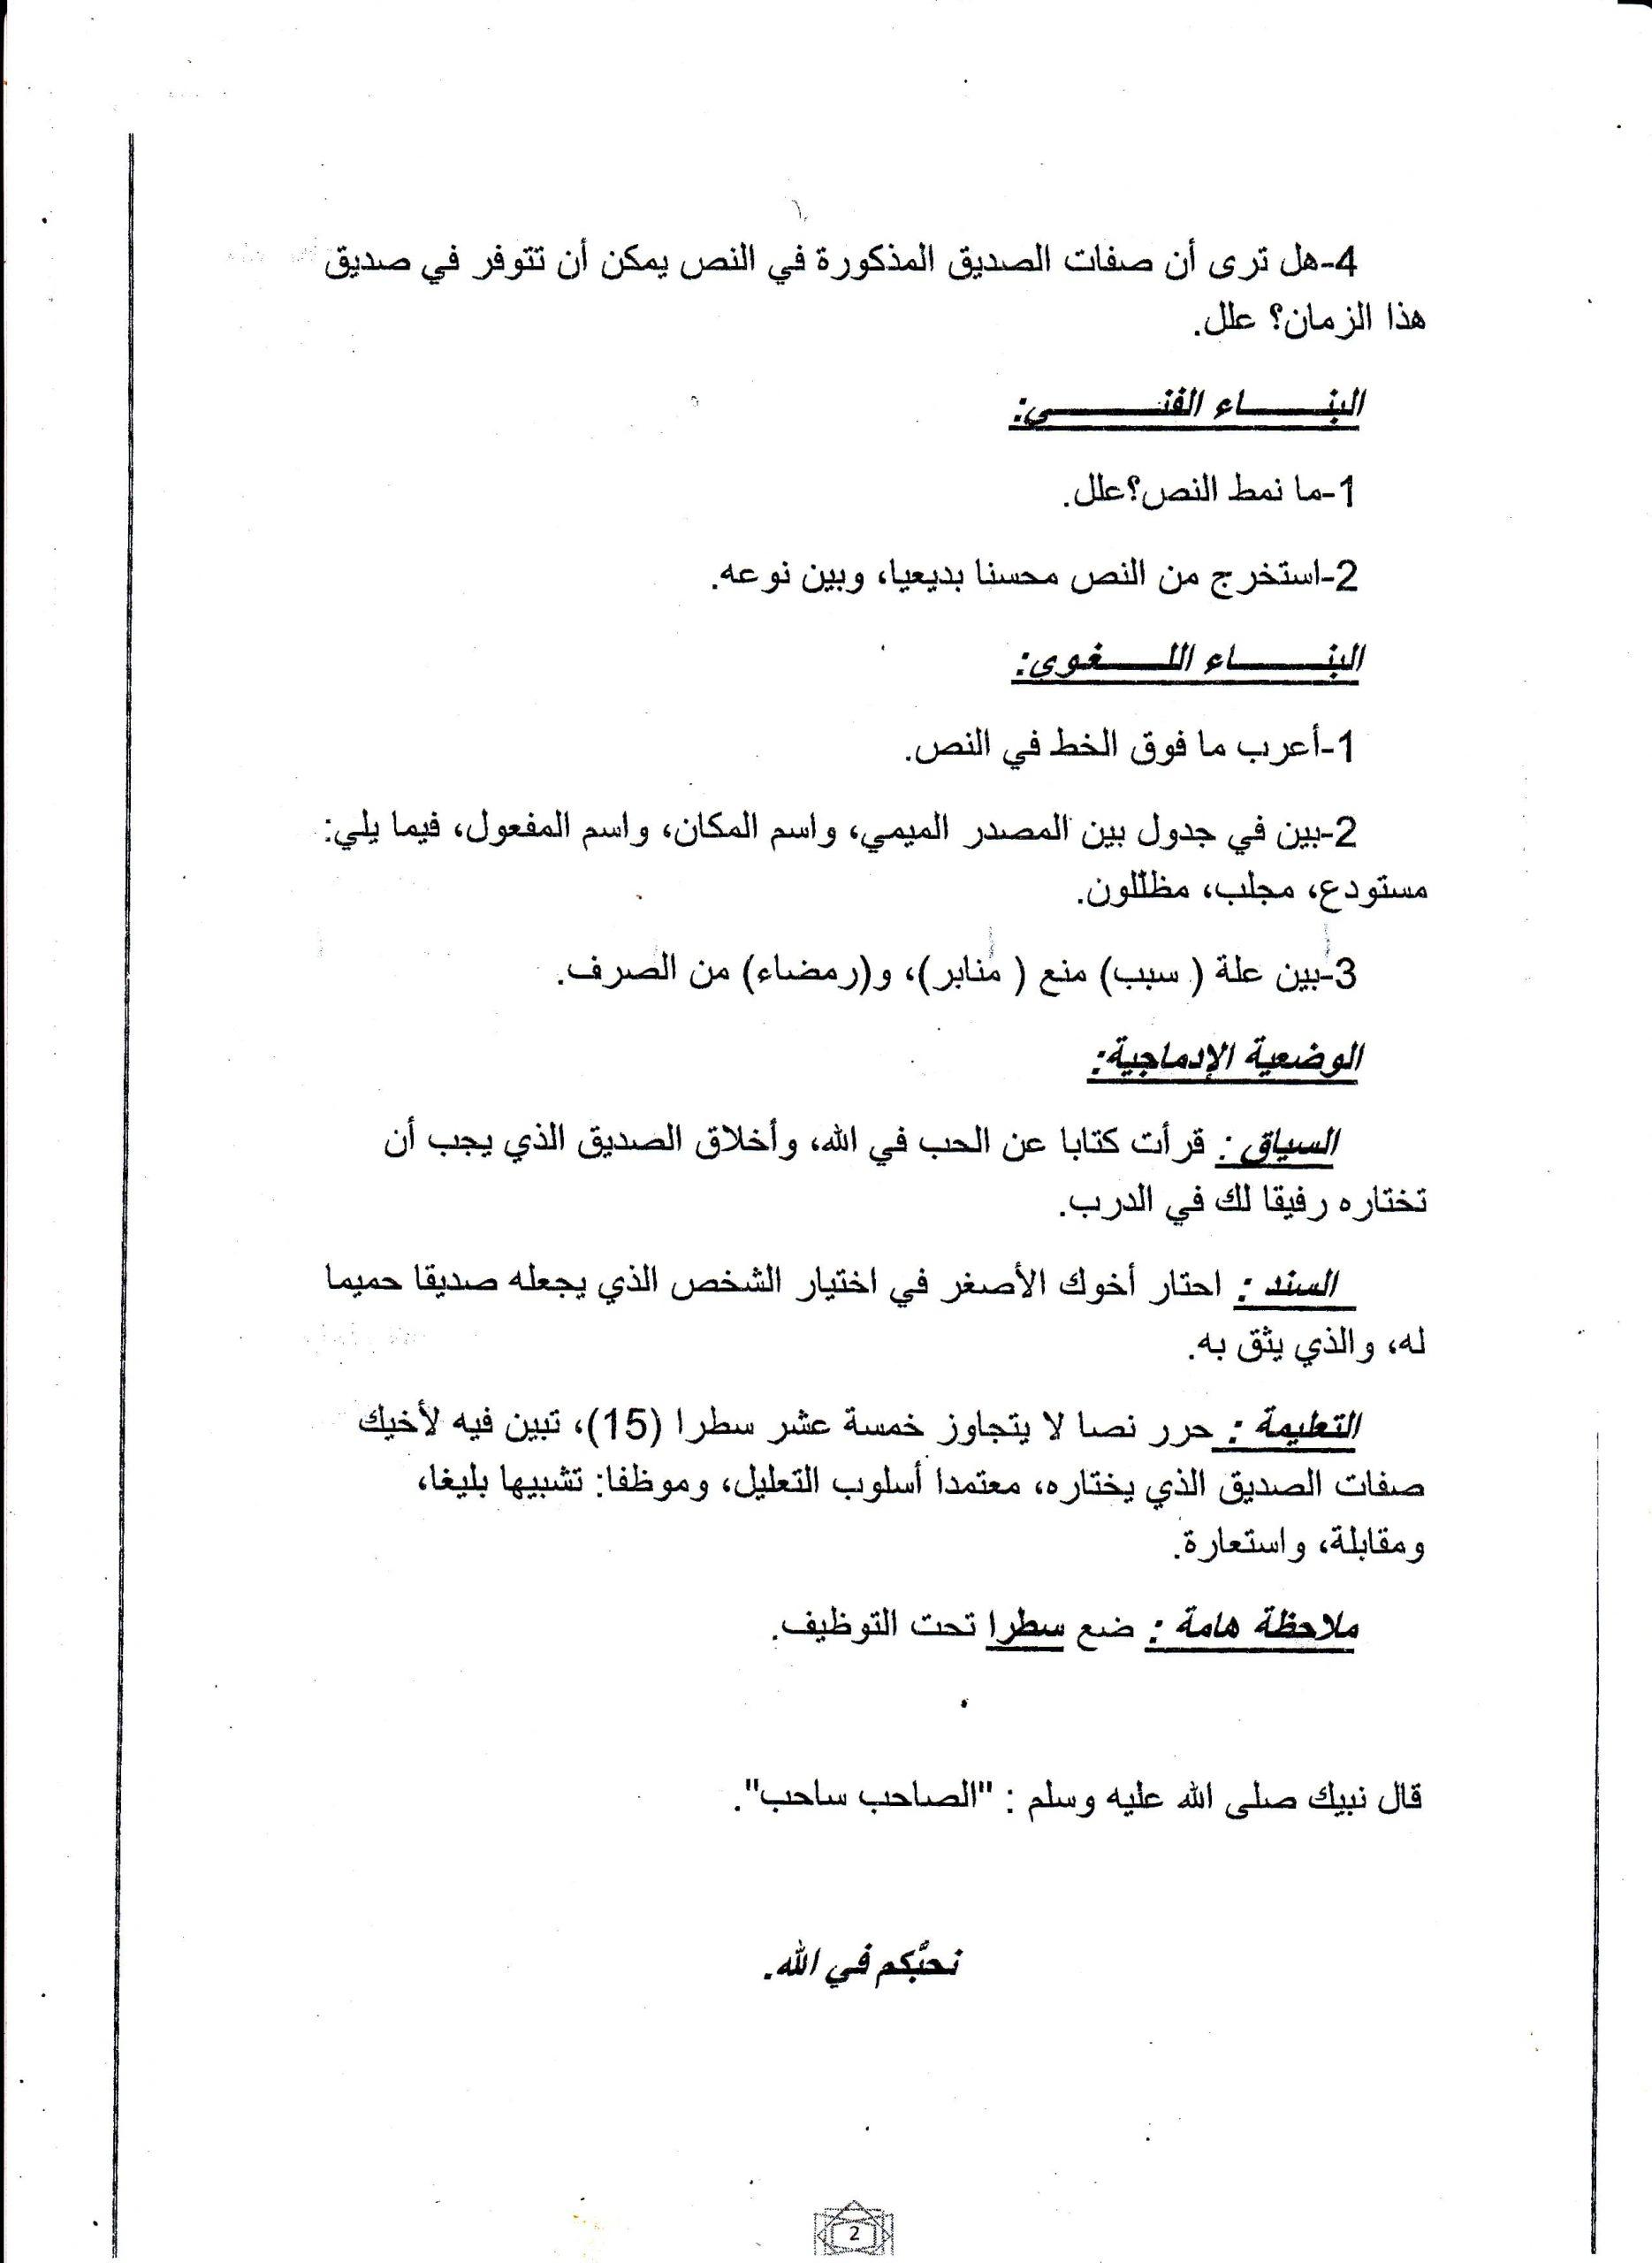 اختبار الفصل الثالث في اللغة العربية السنة الثالثة متوسط | الموضوع 04